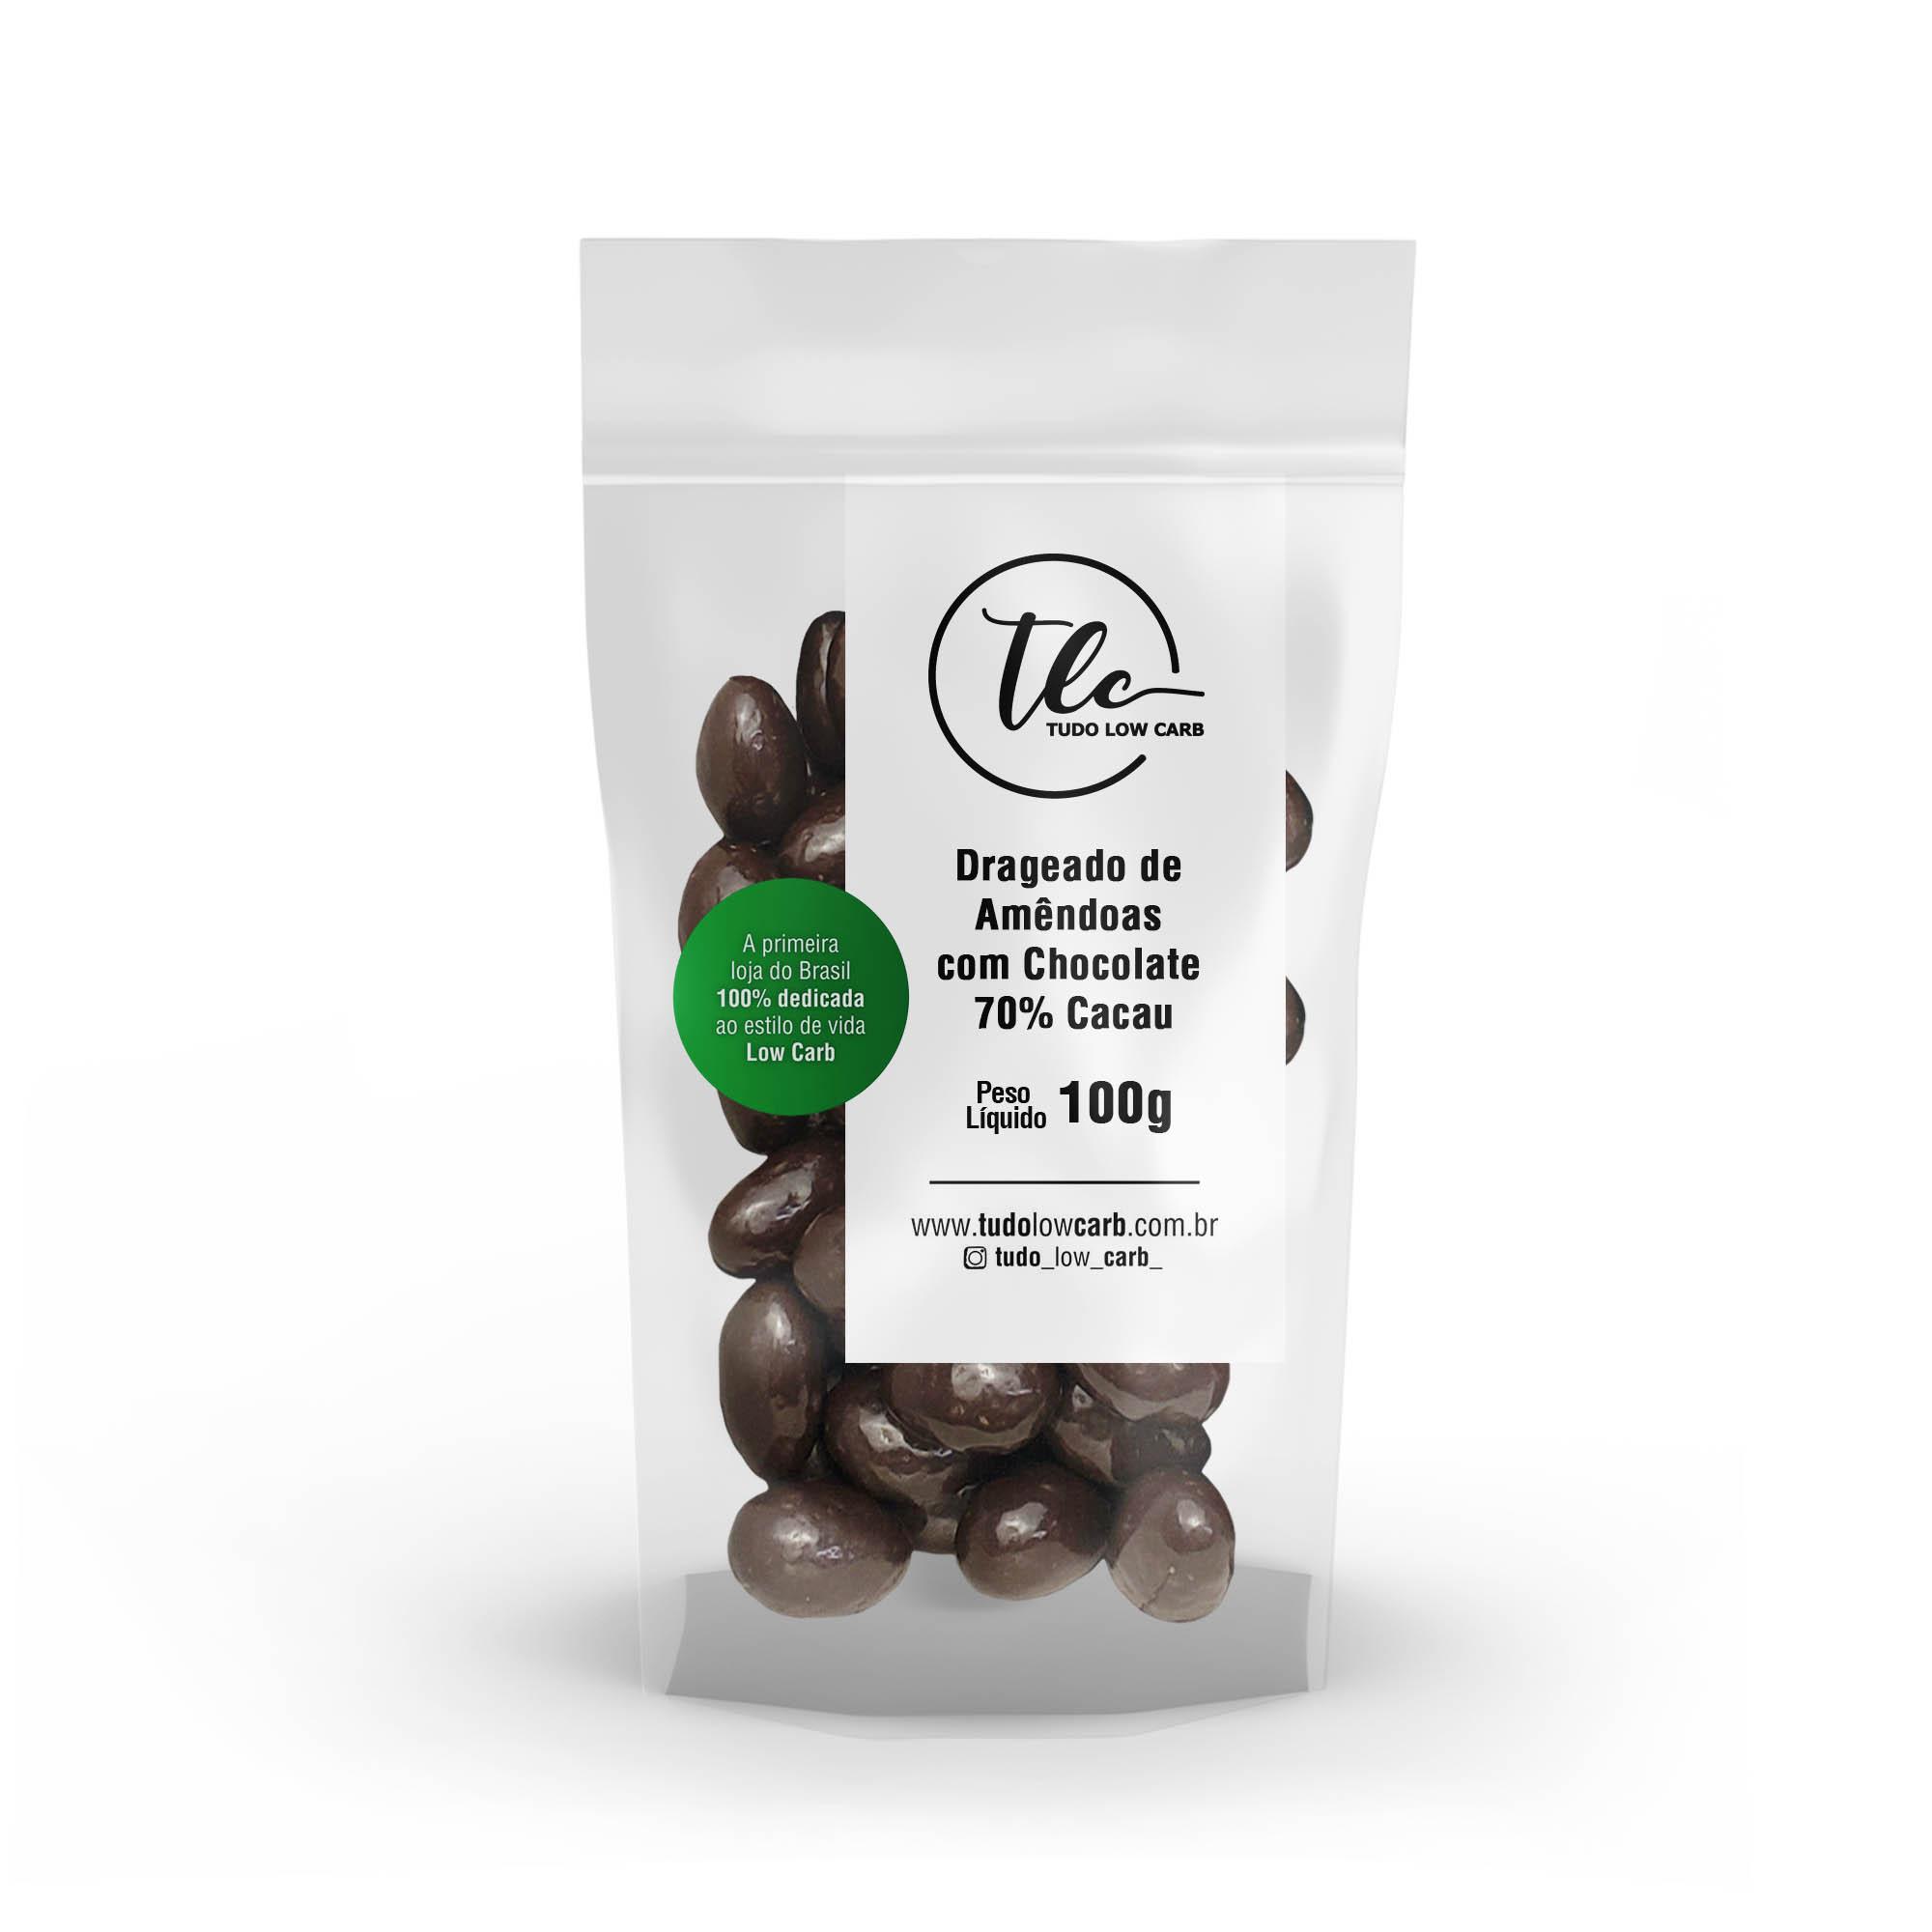 Drageado Amêndoas com Chocolate 70% Cacau 100g  - TLC Tudo Low Carb